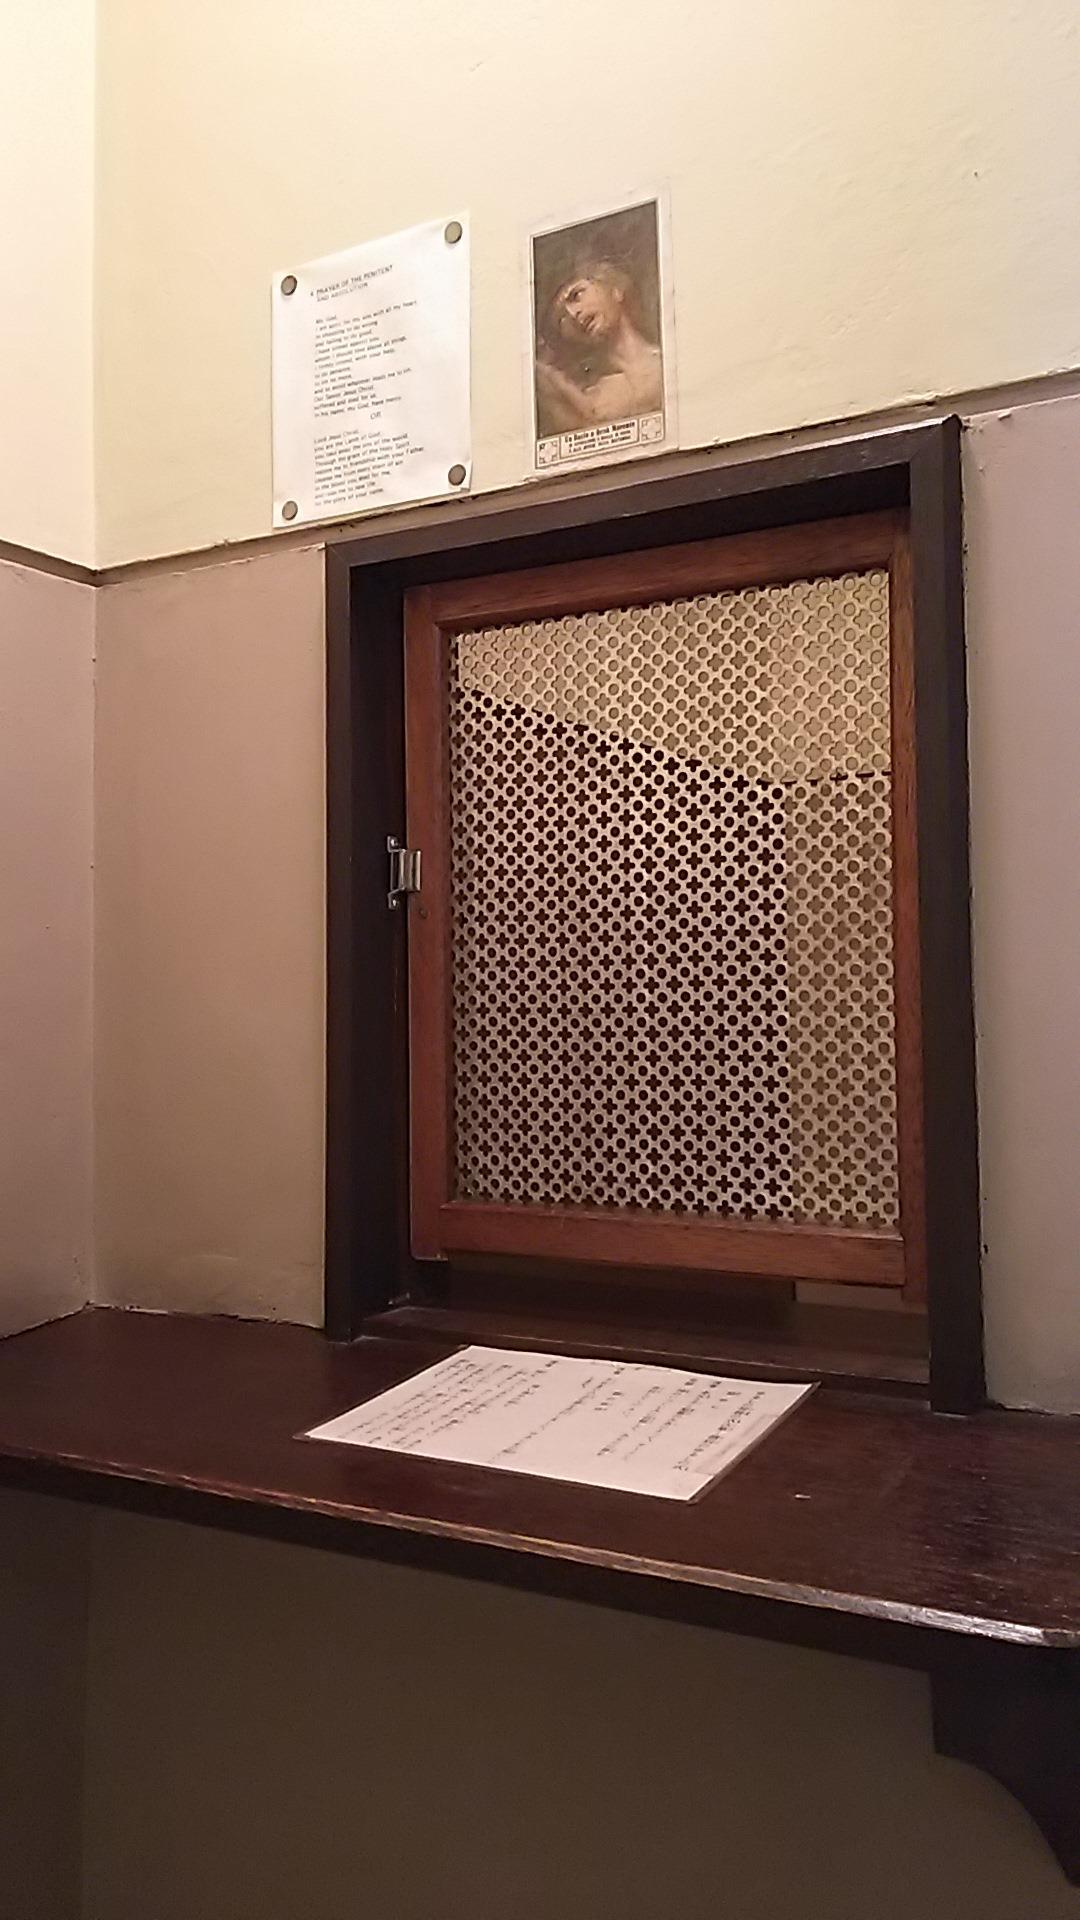 懺悔 室 教会